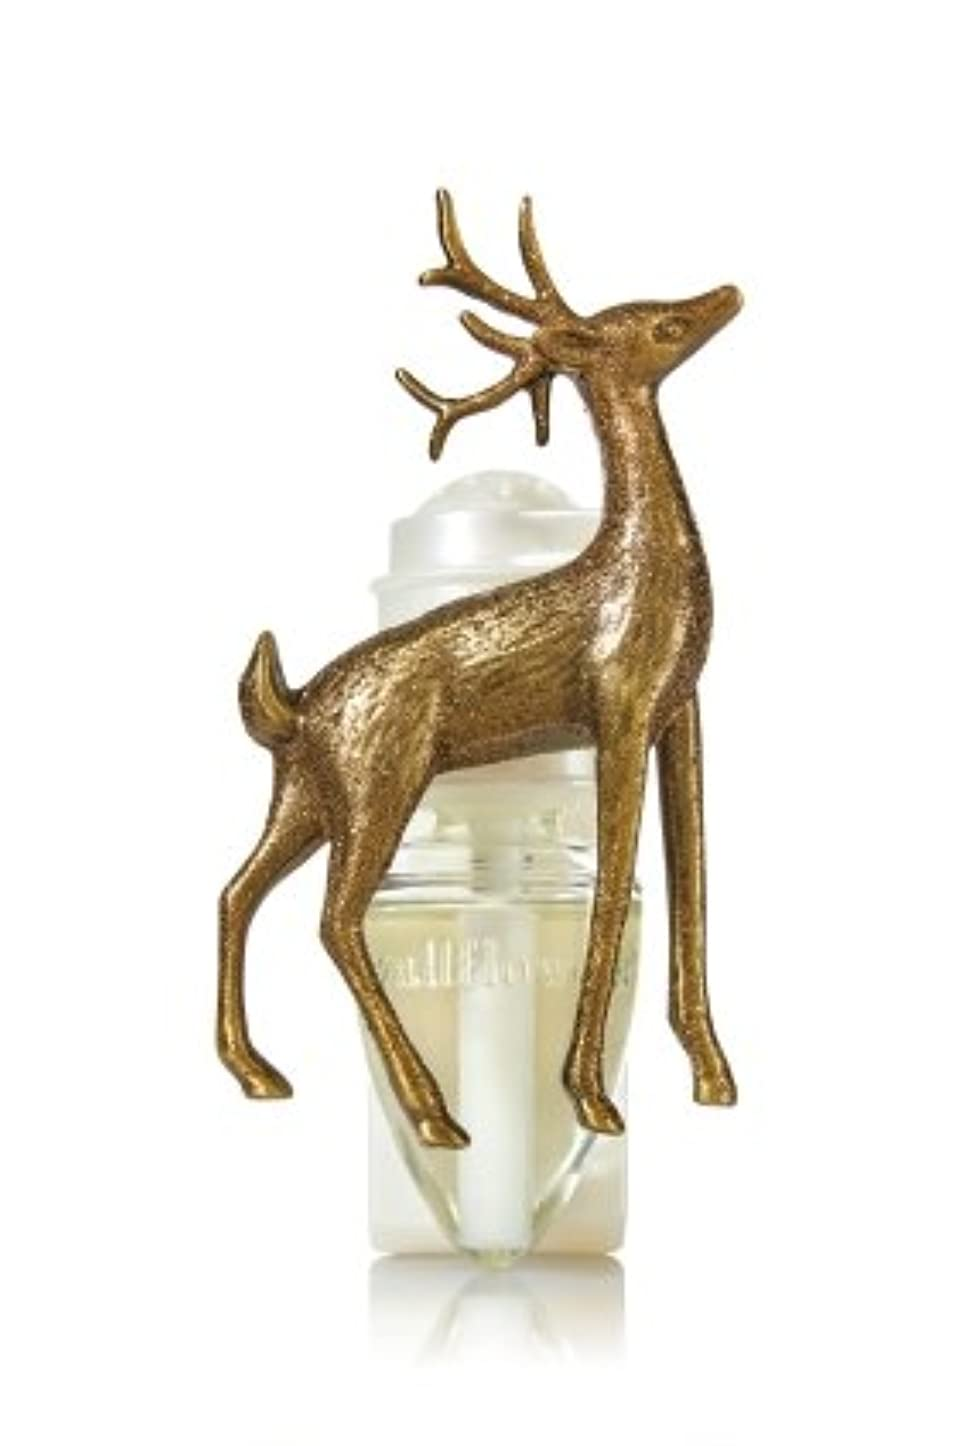 単位モットーガロン【Bath&Body Works/バス&ボディワークス】 ルームフレグランス プラグインスターター (本体のみ) ウッドランドディアー Wallflowers Fragrance Plug Woodland Deer [並行輸入品]